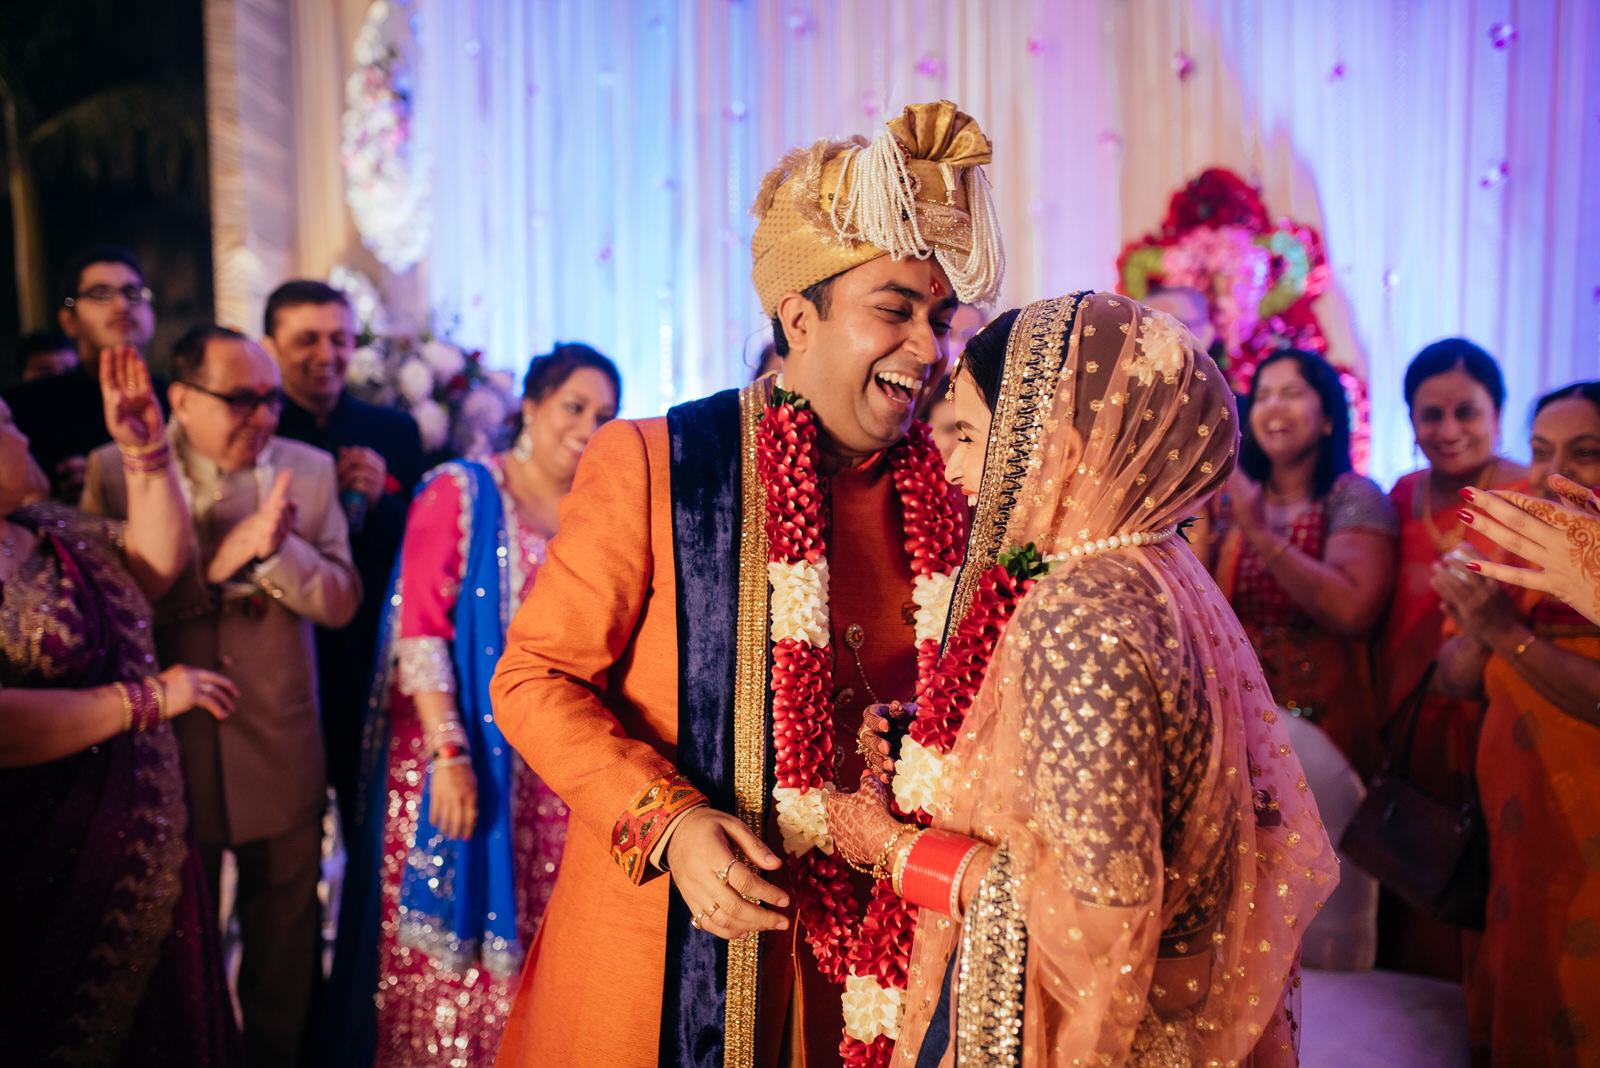 Hindu Night Wedding Day 2 - Camera 1-225.jpg